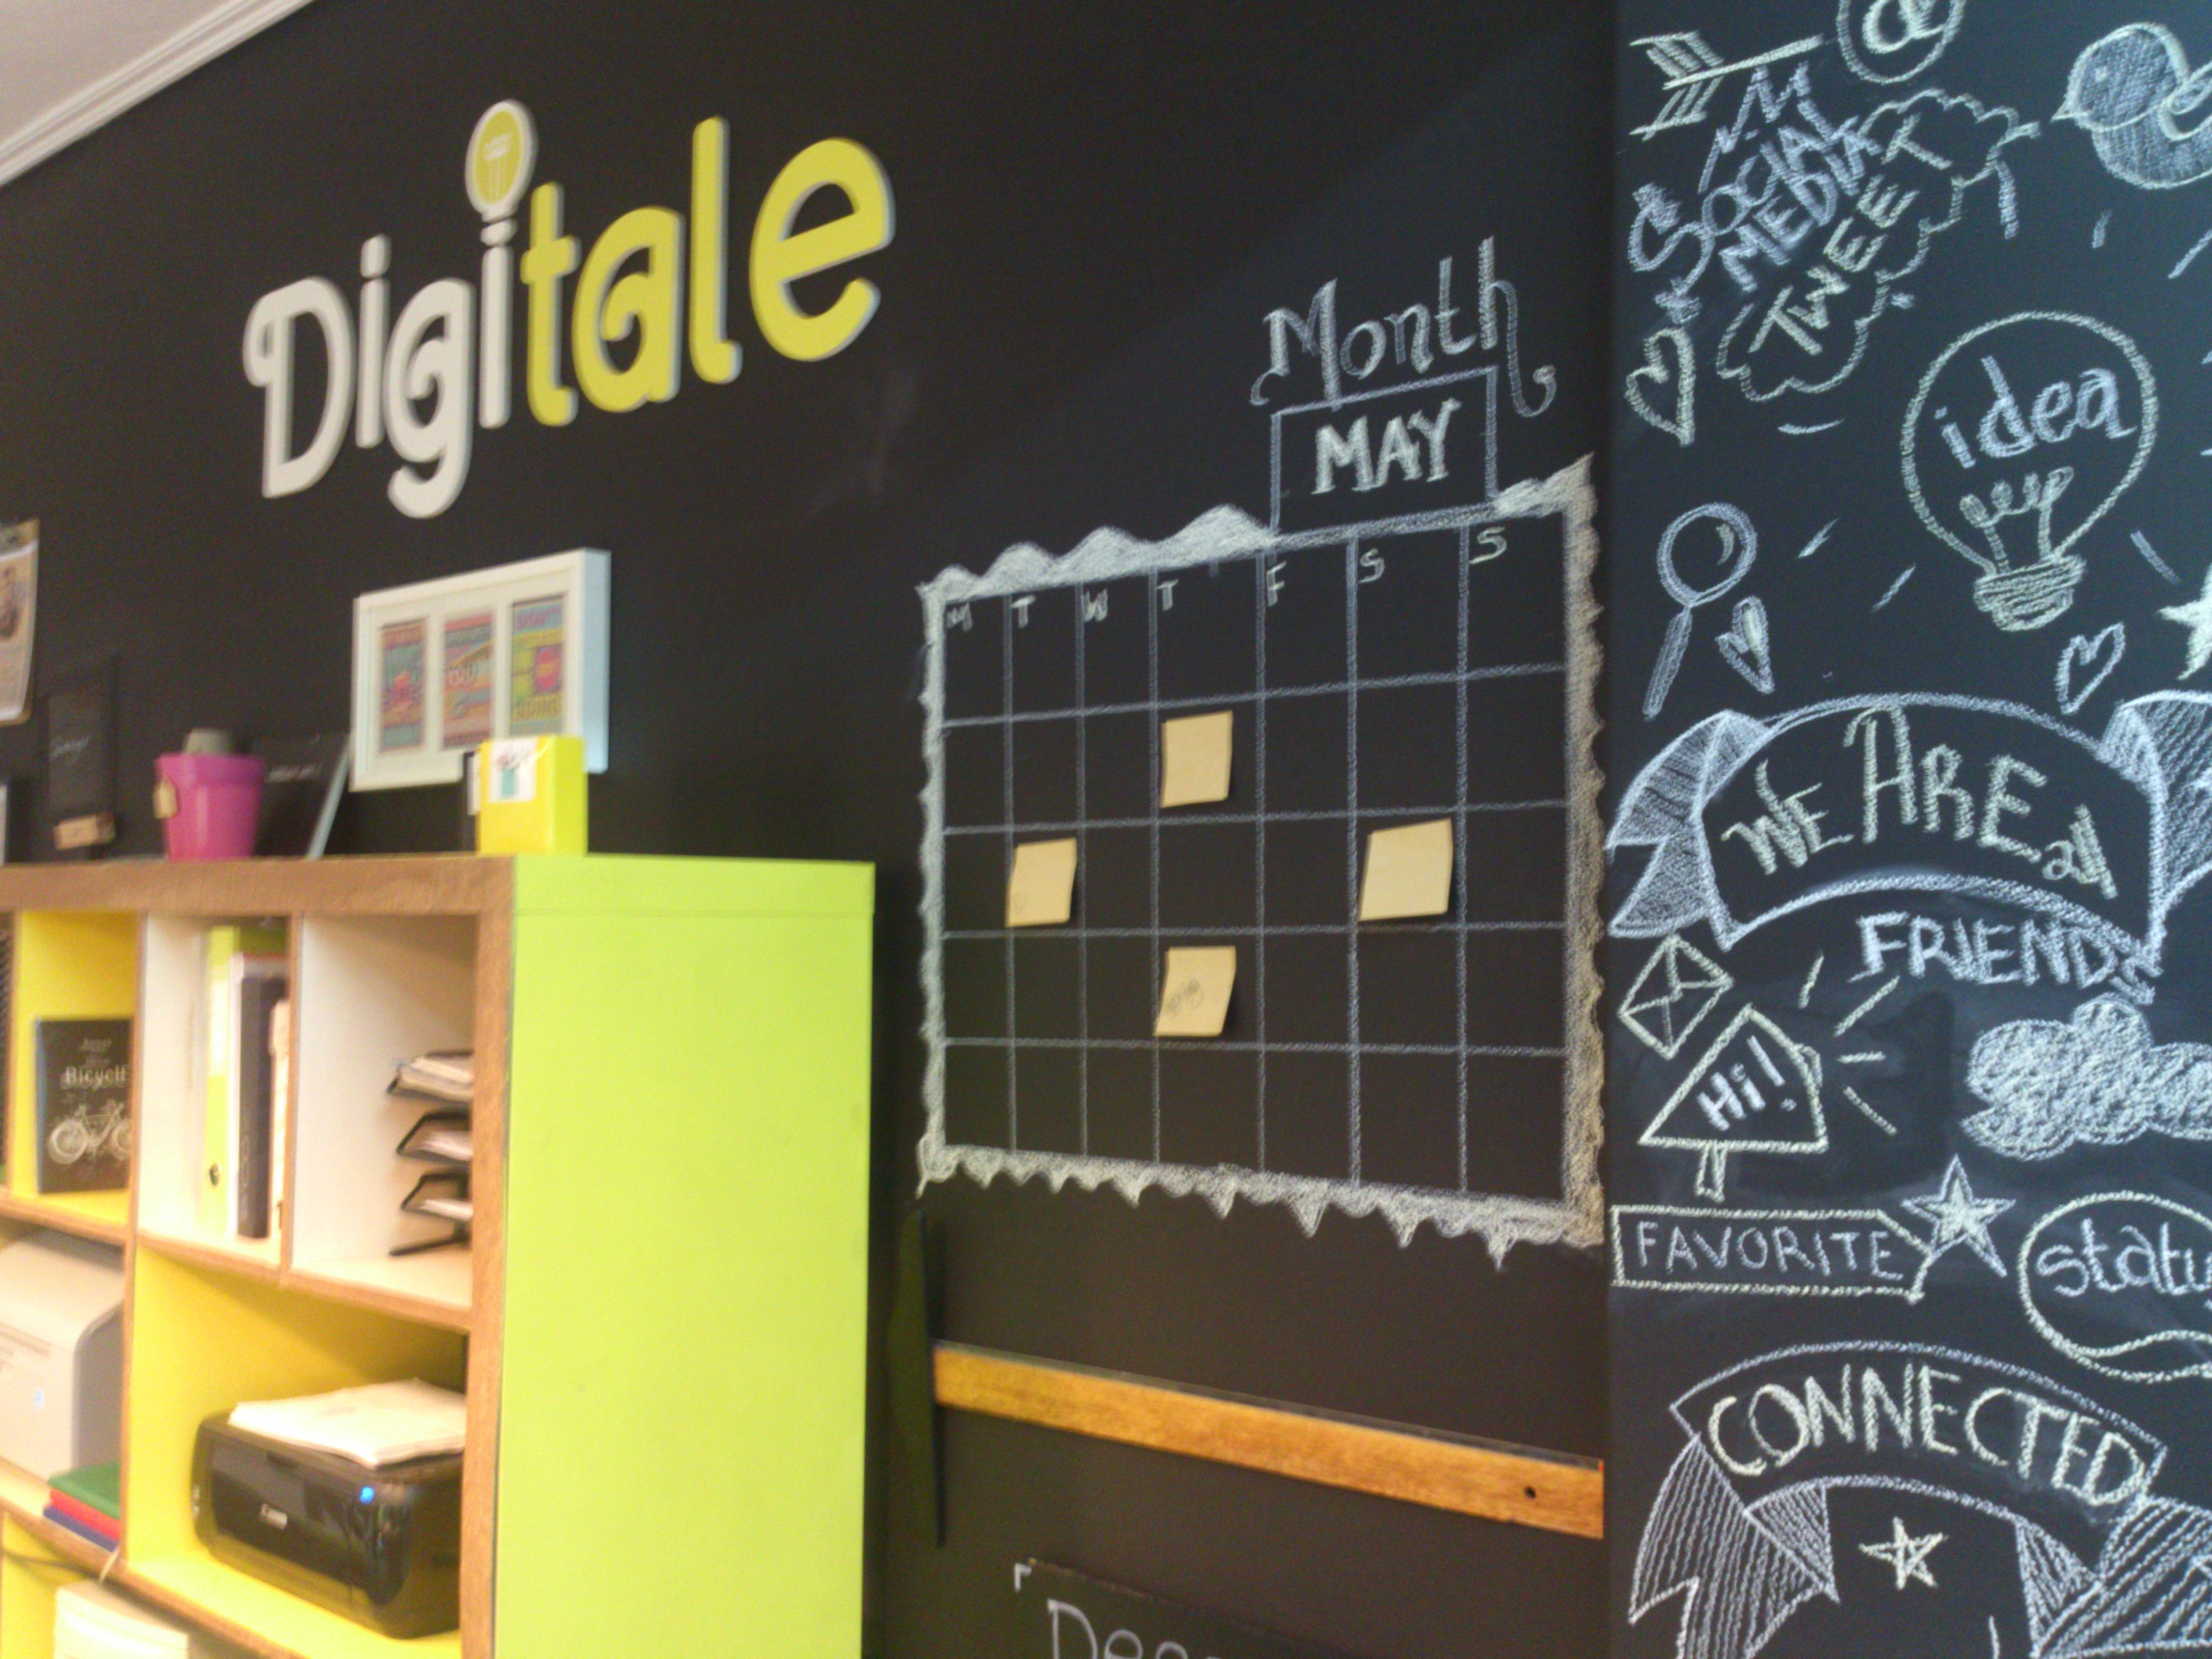 Social Media Digital Marketing Office Design Chalkboard Painting Ideas Web Design Tips Marketing Office Office Design